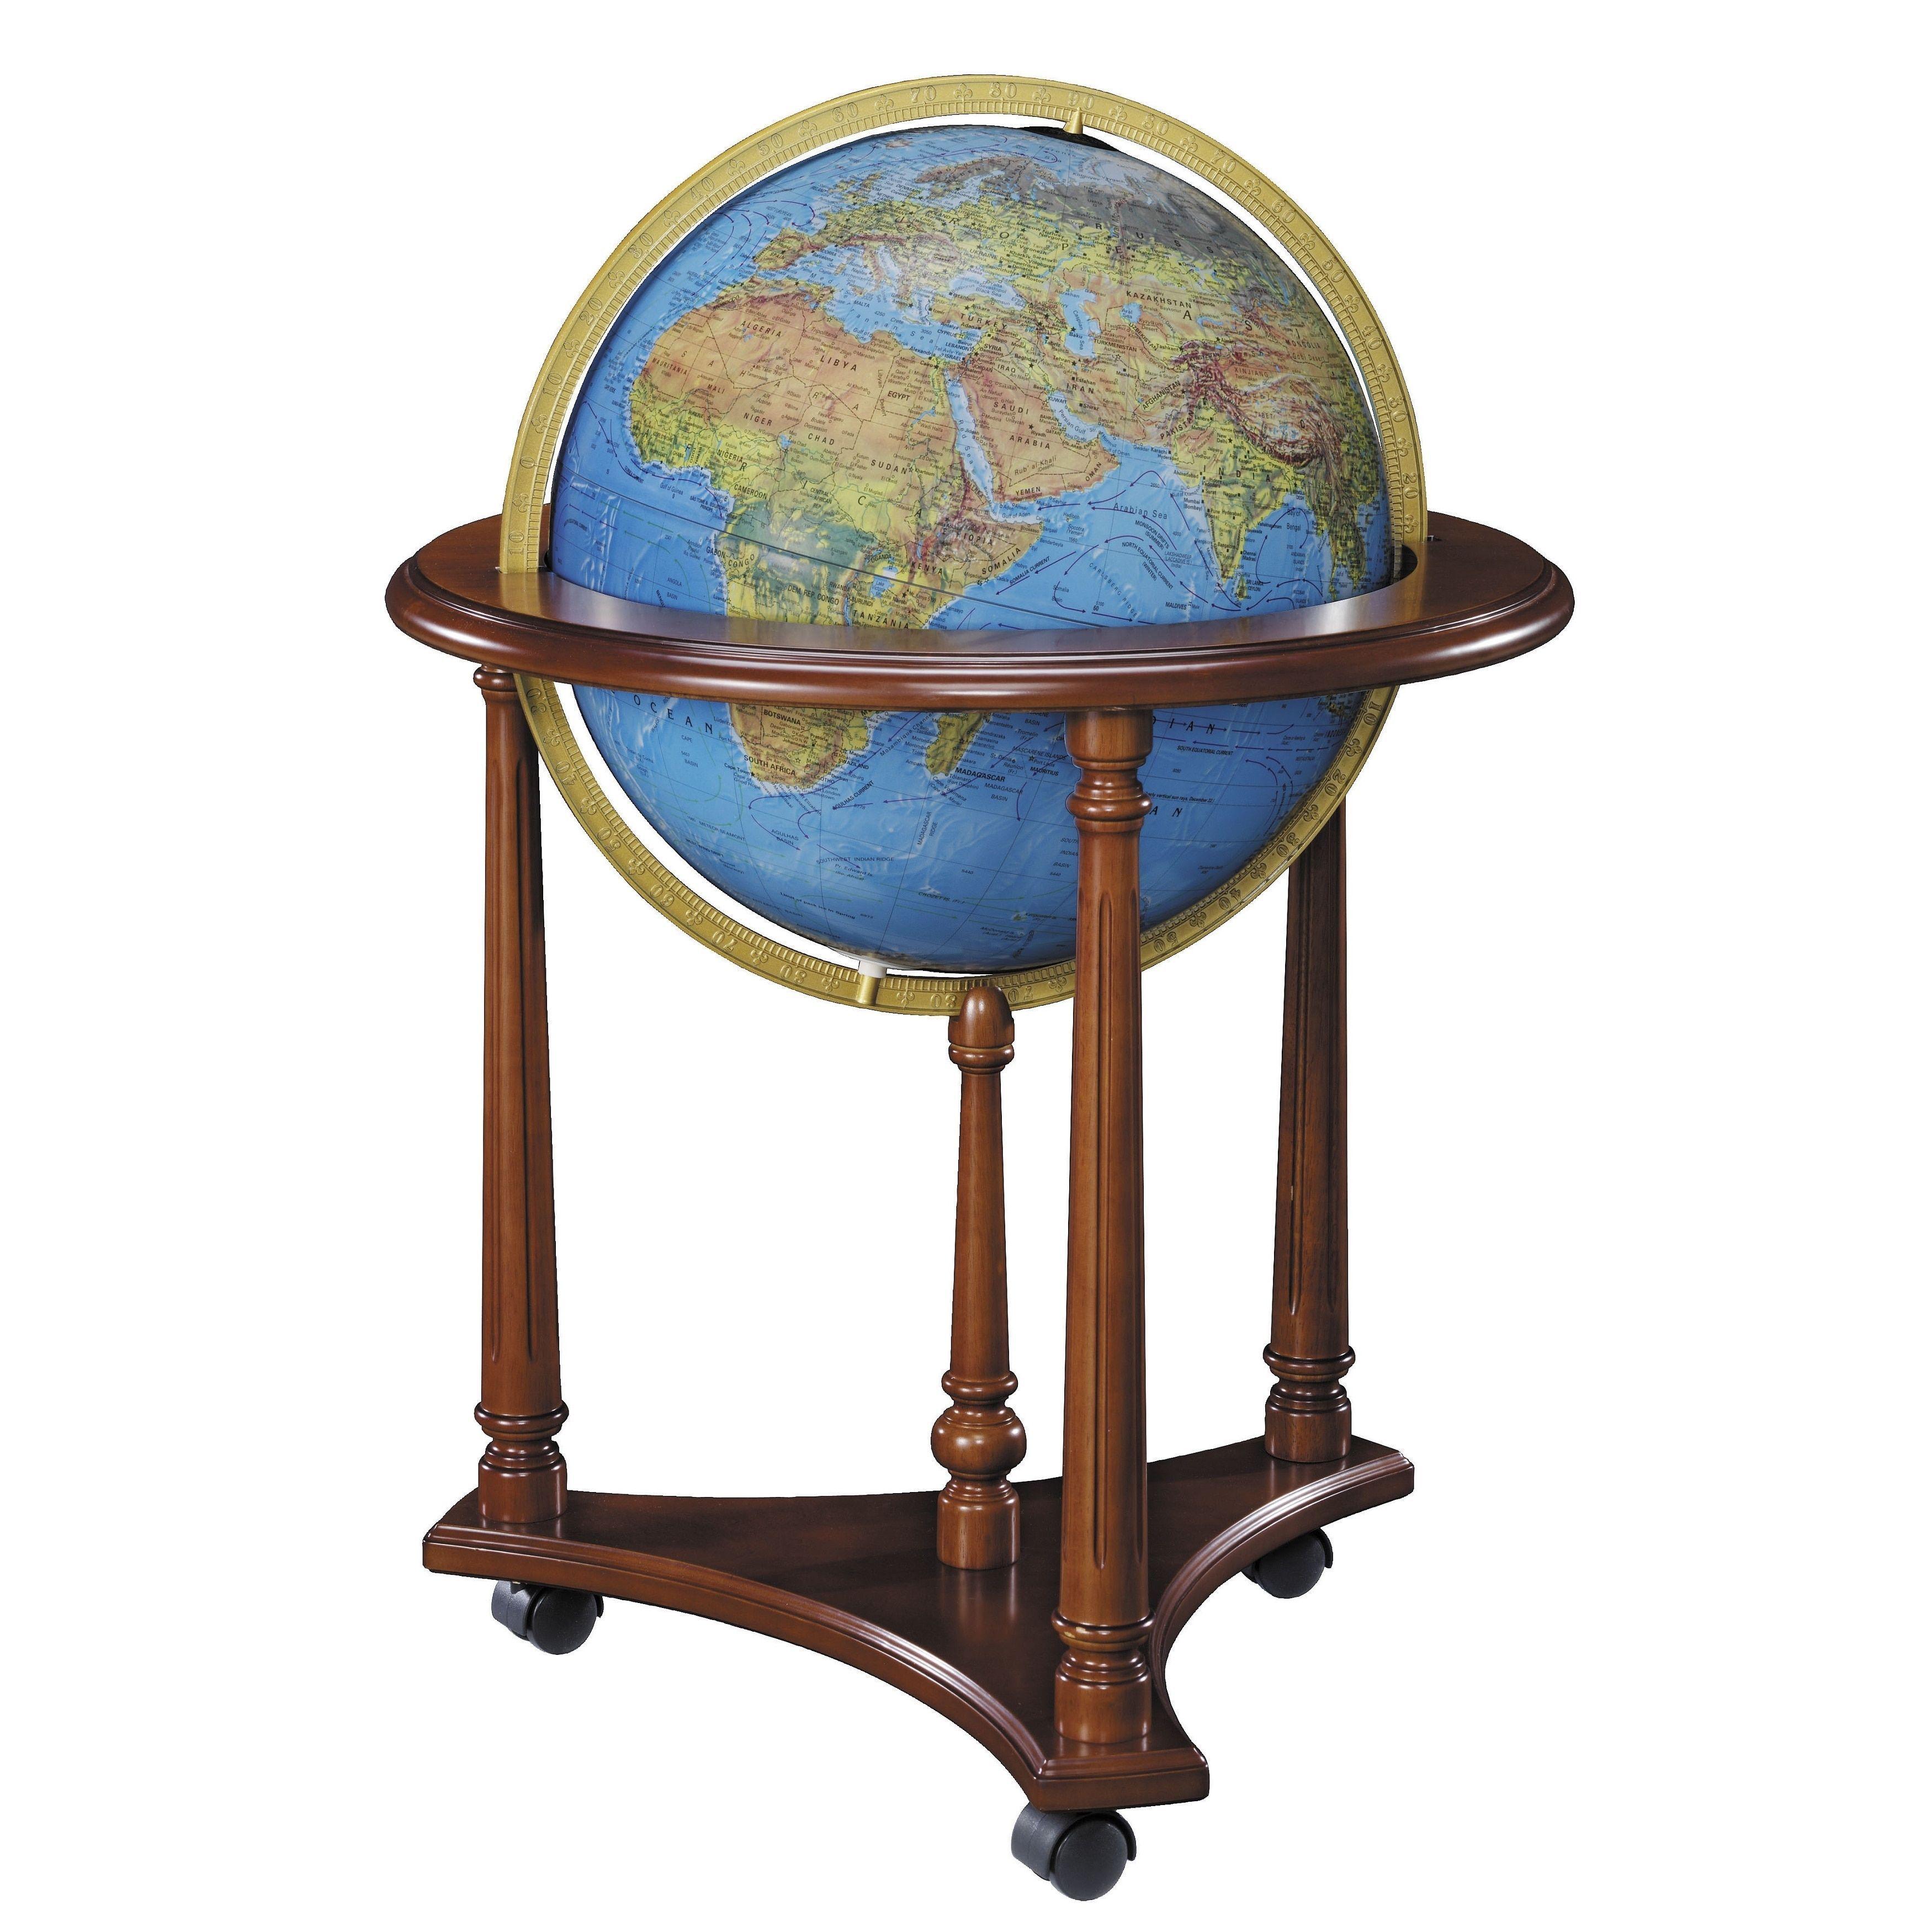 LaFayette Illuminated Floor World Globe